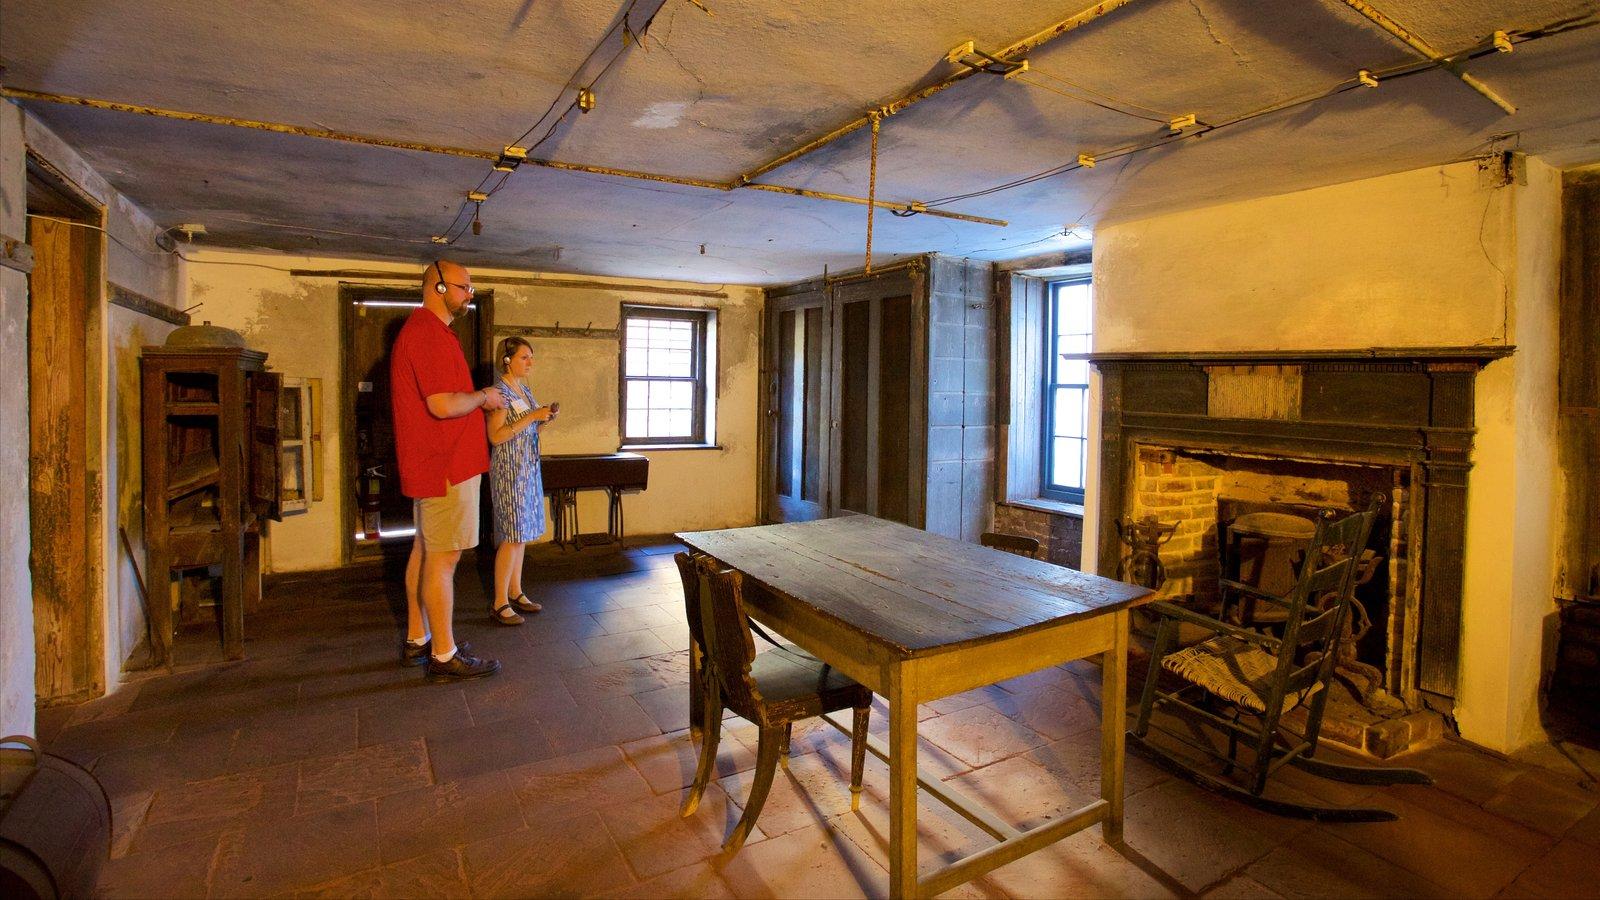 Aiken-Rhett House caracterizando elementos de patrimônio e vistas internas assim como um casal